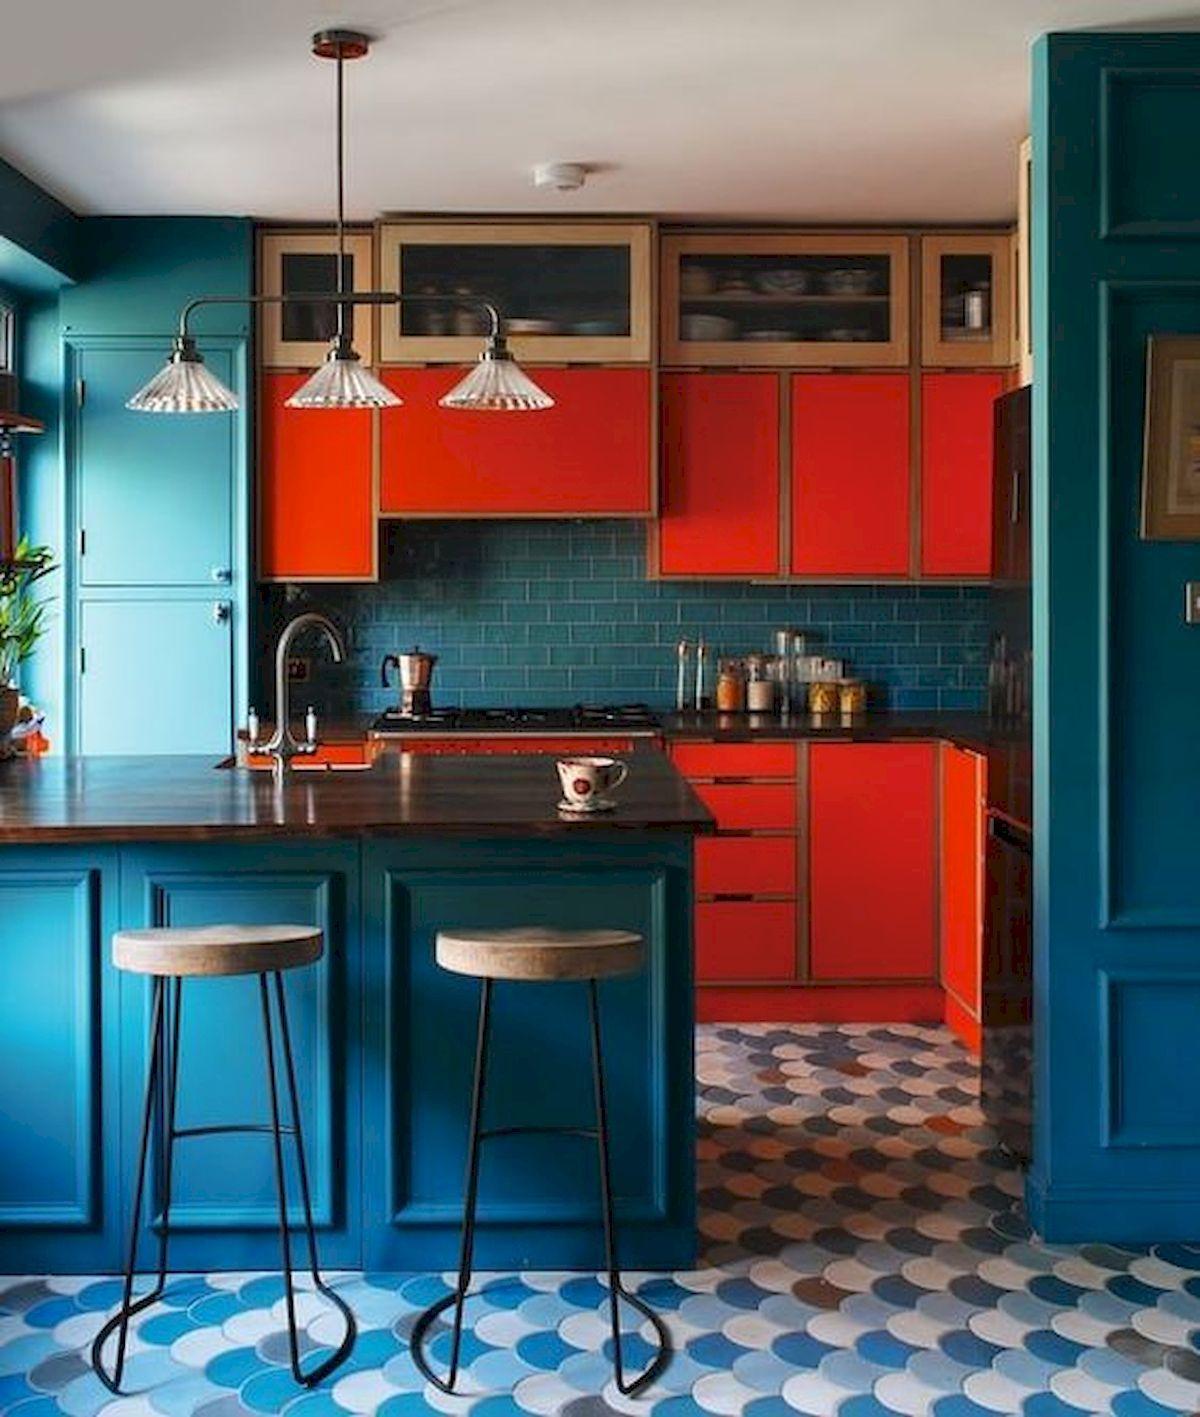 9 Suprising Small Kitchen Design Ideas And Decor   Interior ...